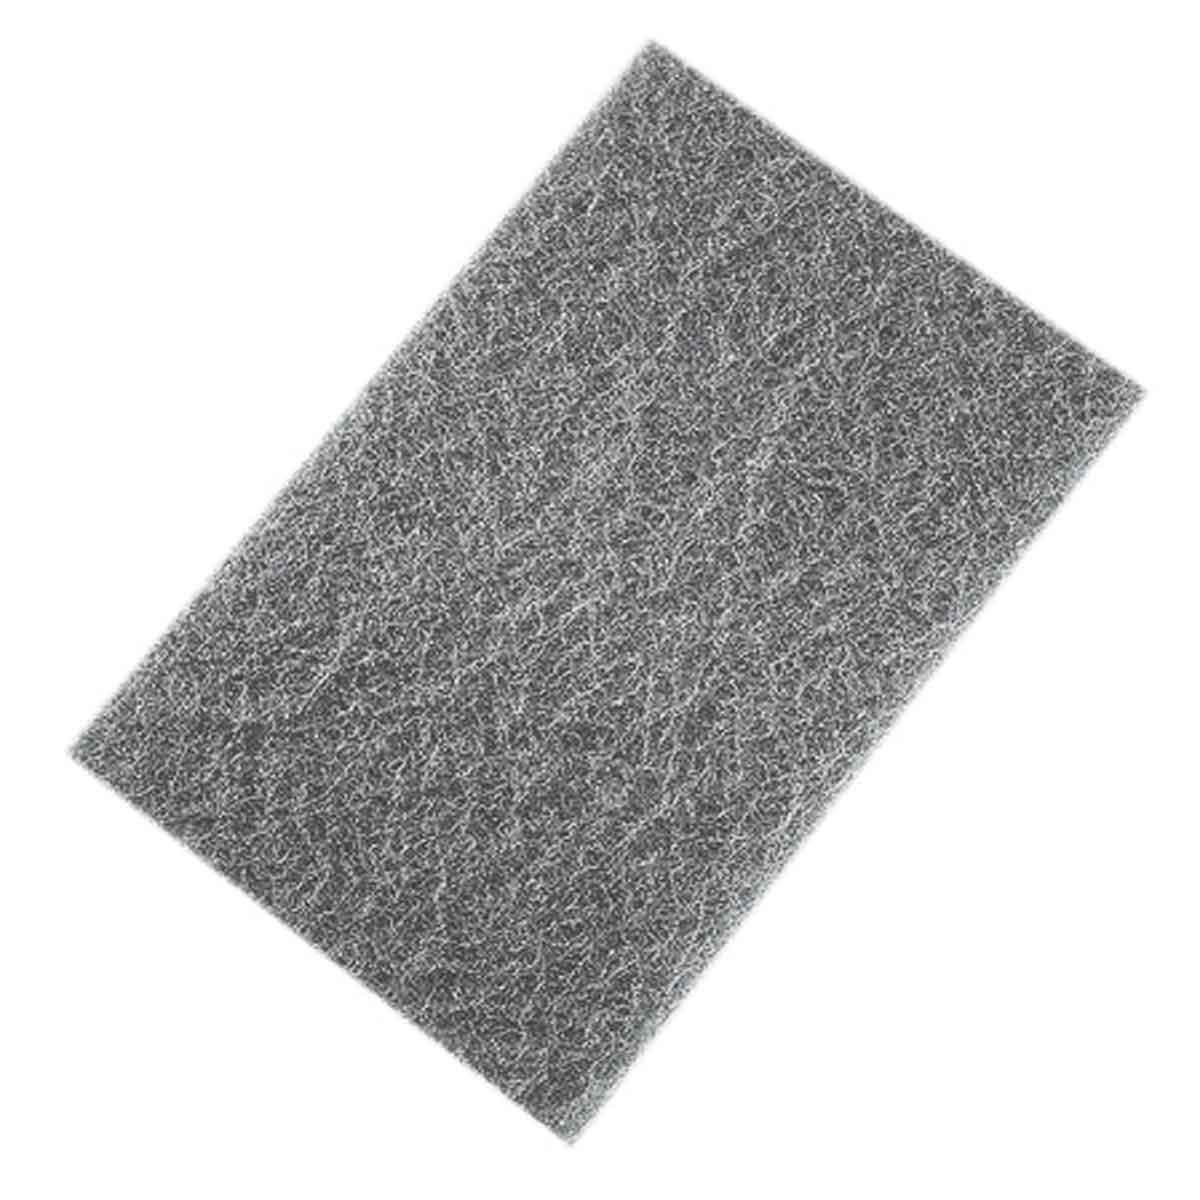 ULTP69GRY Pearl Abrasive